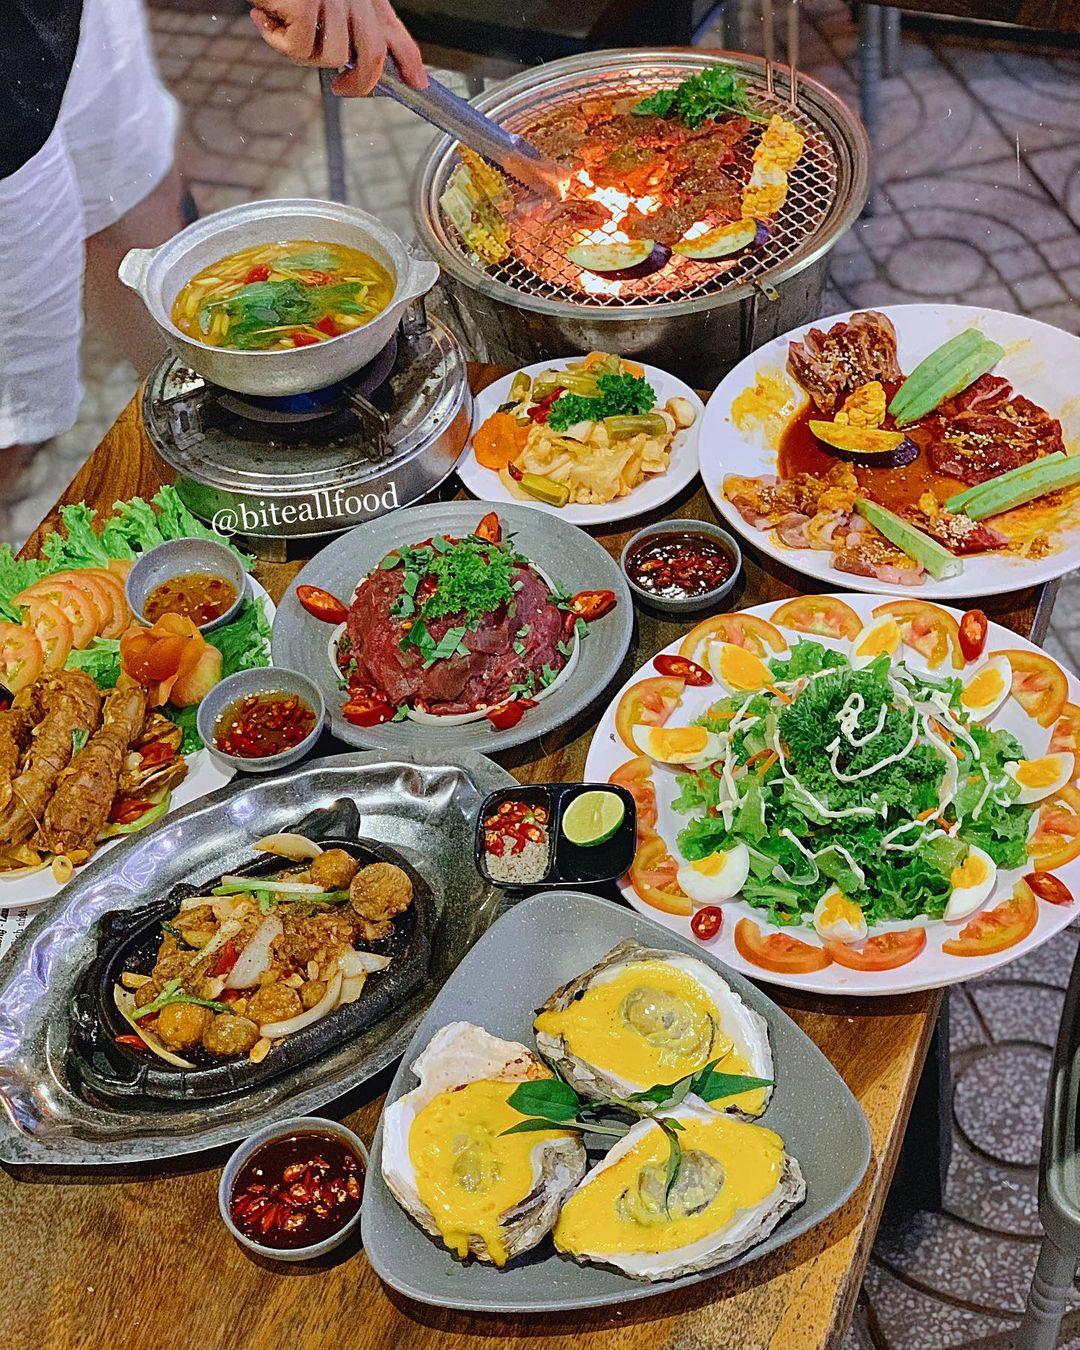 quan an buffet hai san thu duc thung phi nuong Jokul